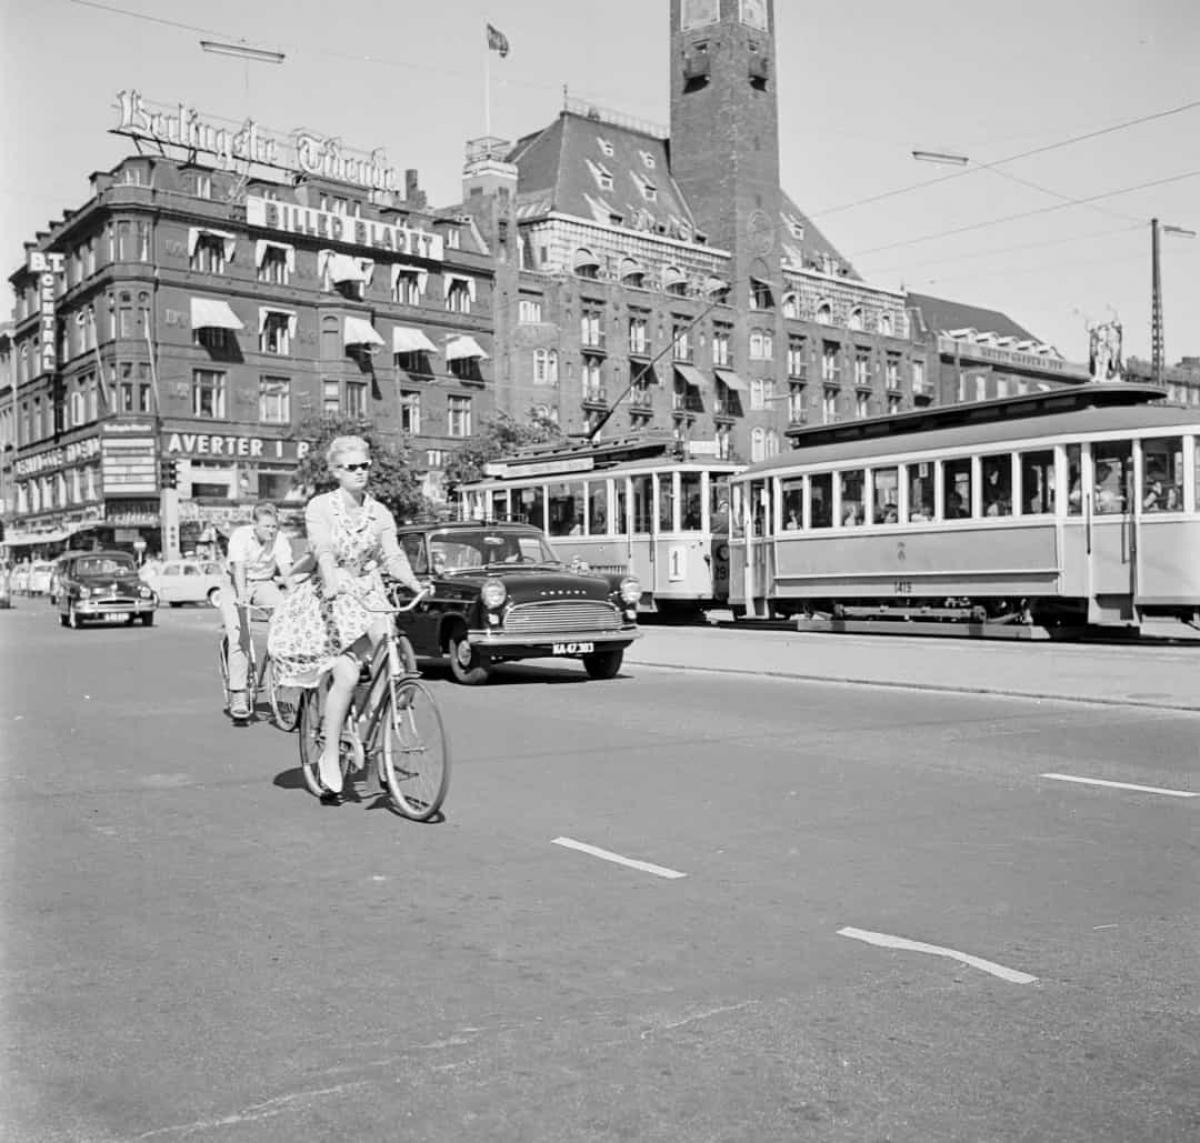 Một người phụ nữ đạp xe trên đường phố Copenhagen, Đan Mạch năm 1960.